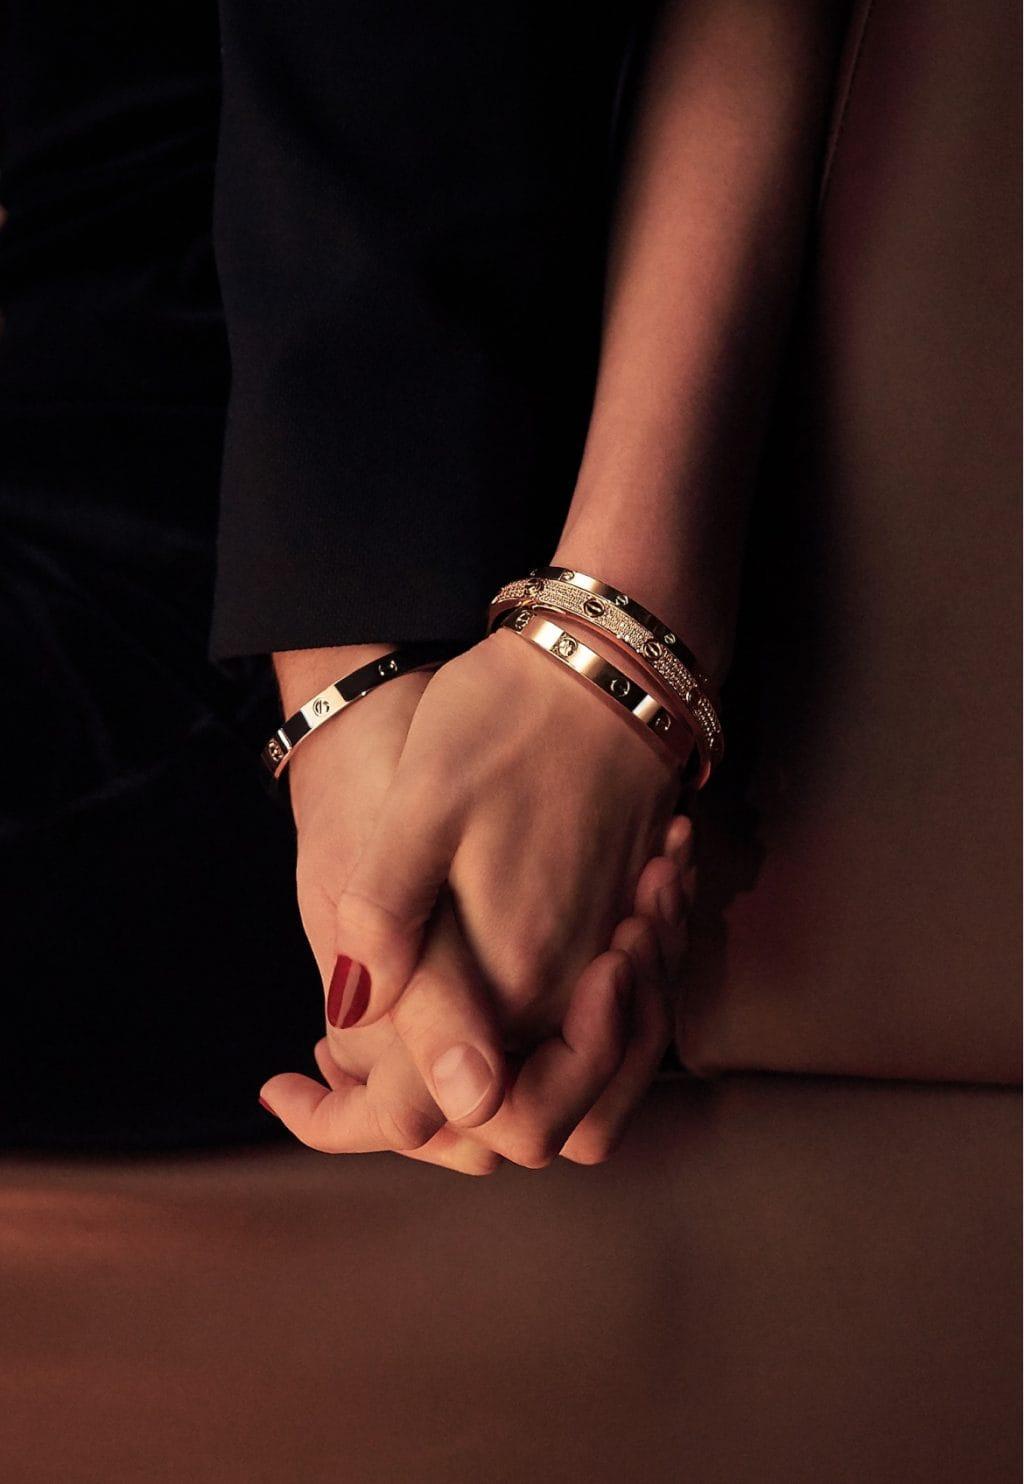 وقعنا في حب مجموعة Love من مجوهرات Cartier بشكلها الناعم الجديد